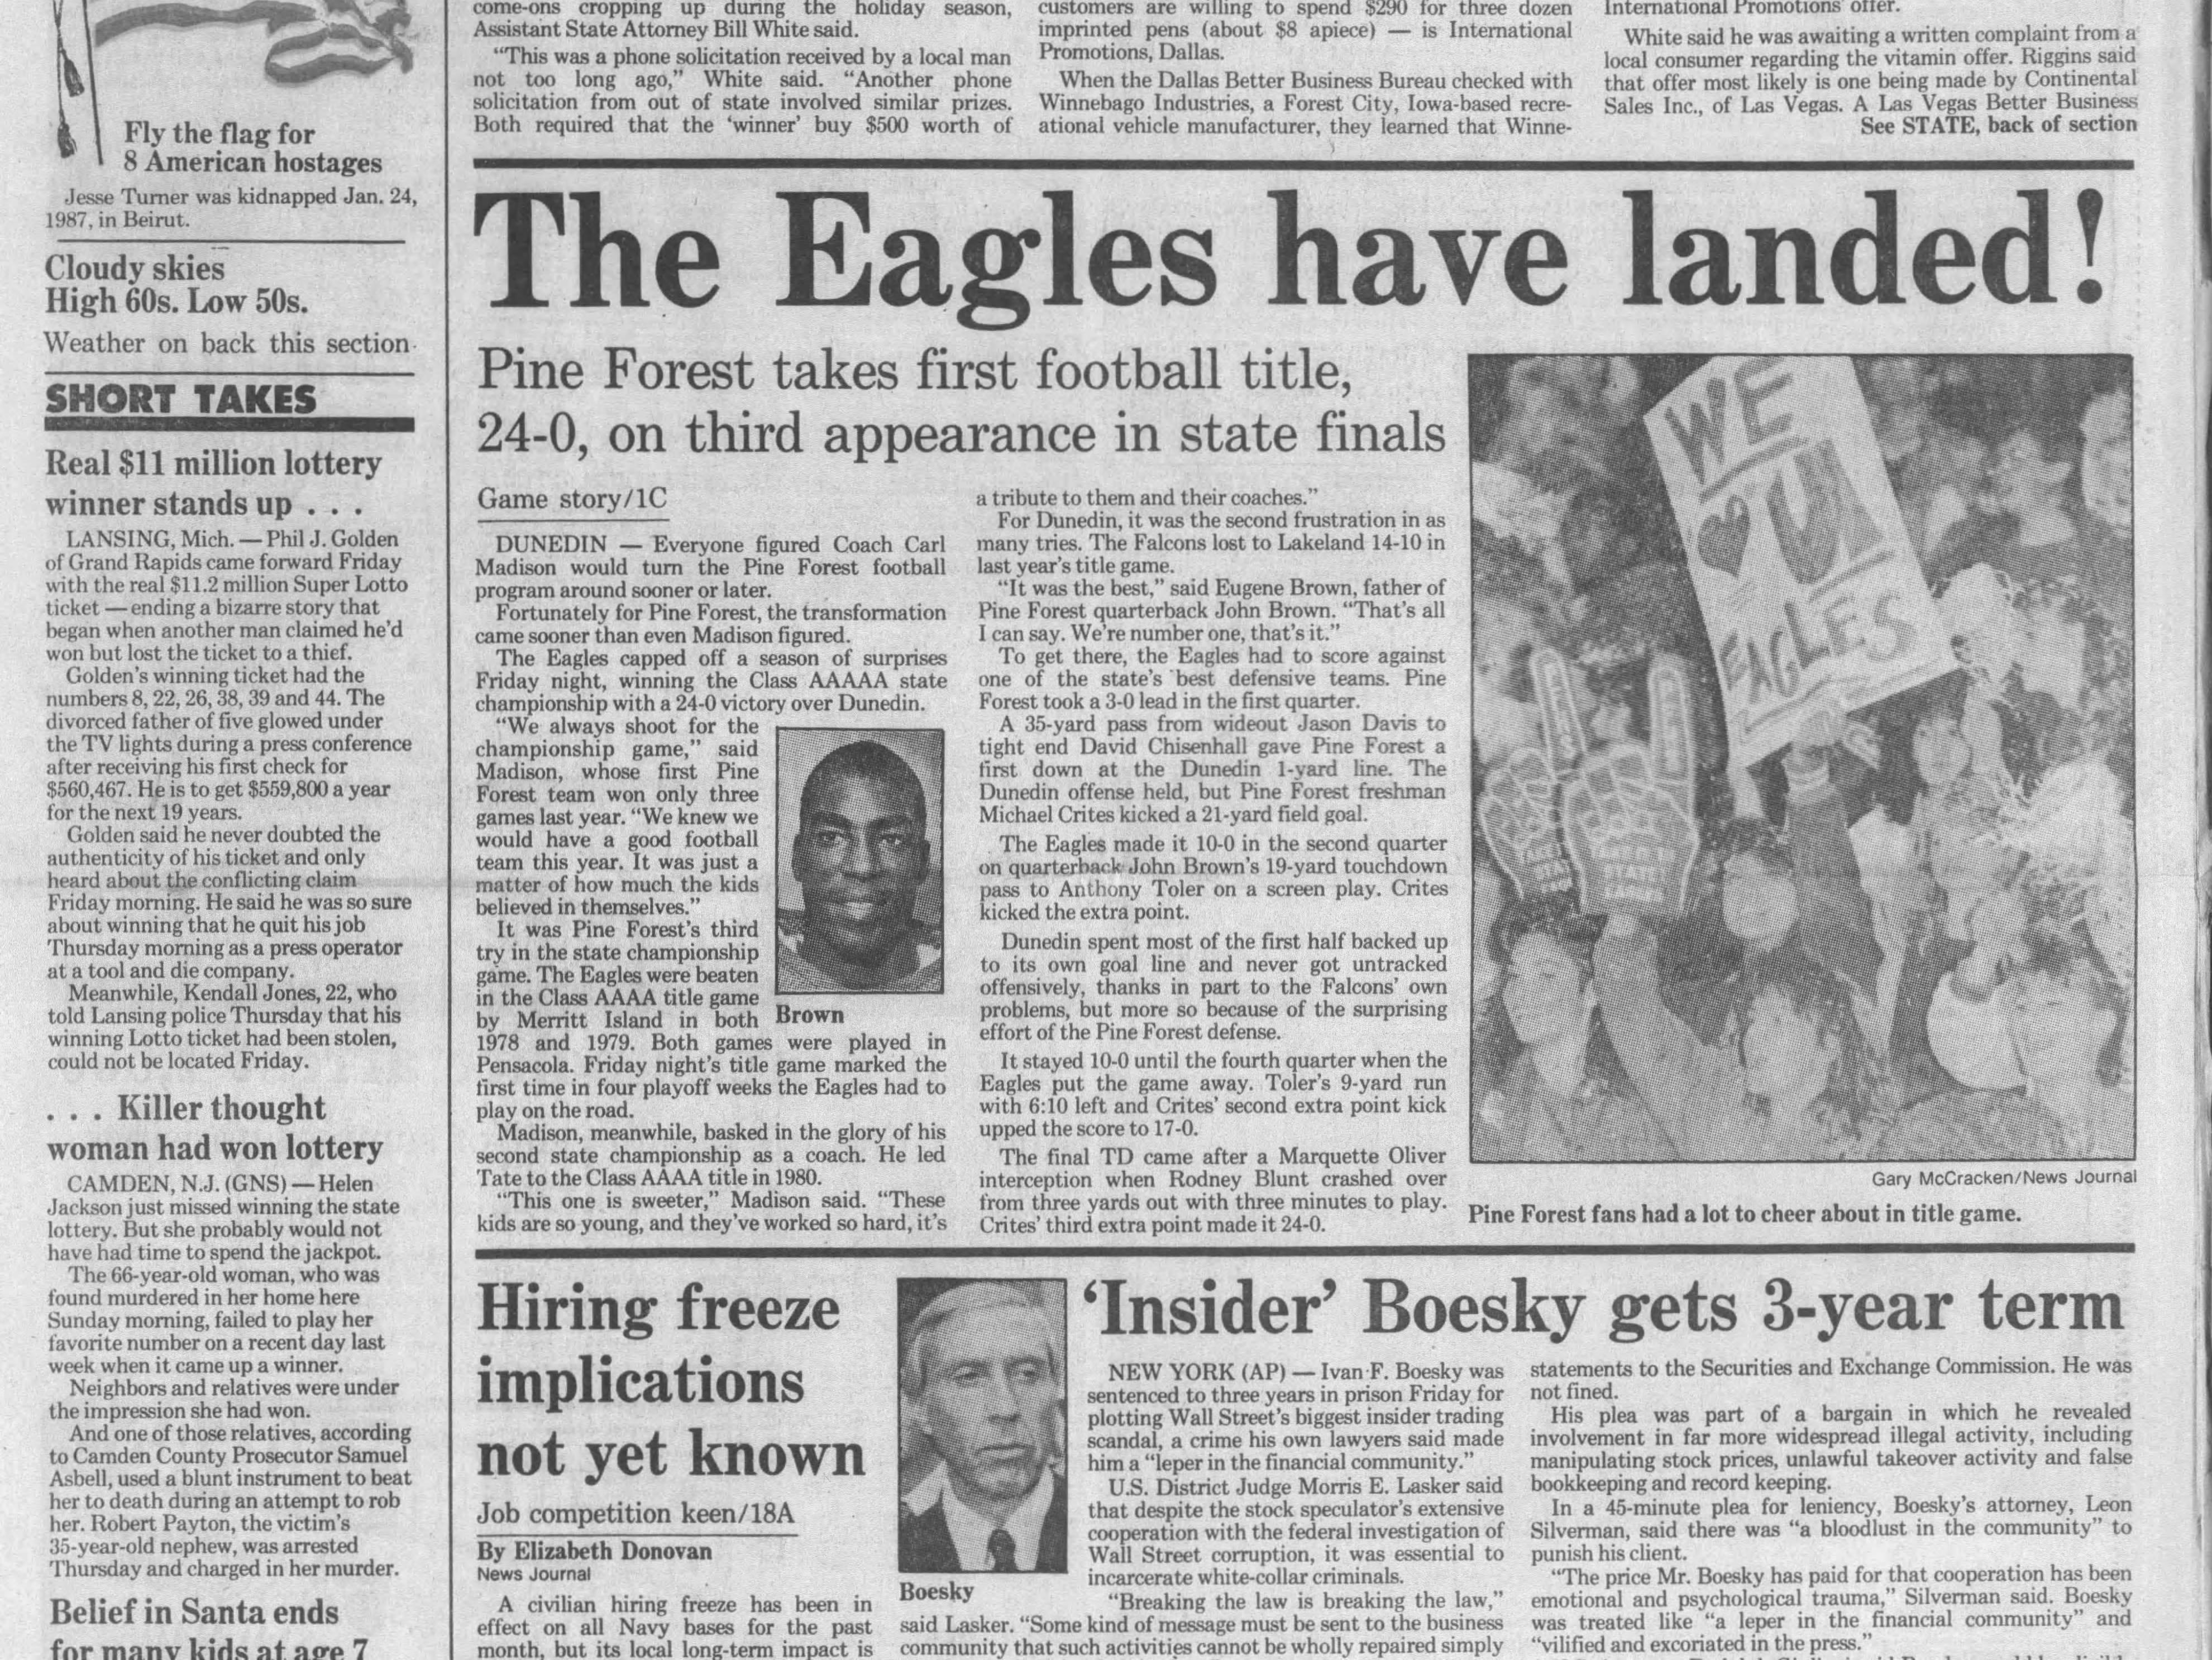 1987: Pine Forest defeats Dunedin, 24-7, for Class 5A title.